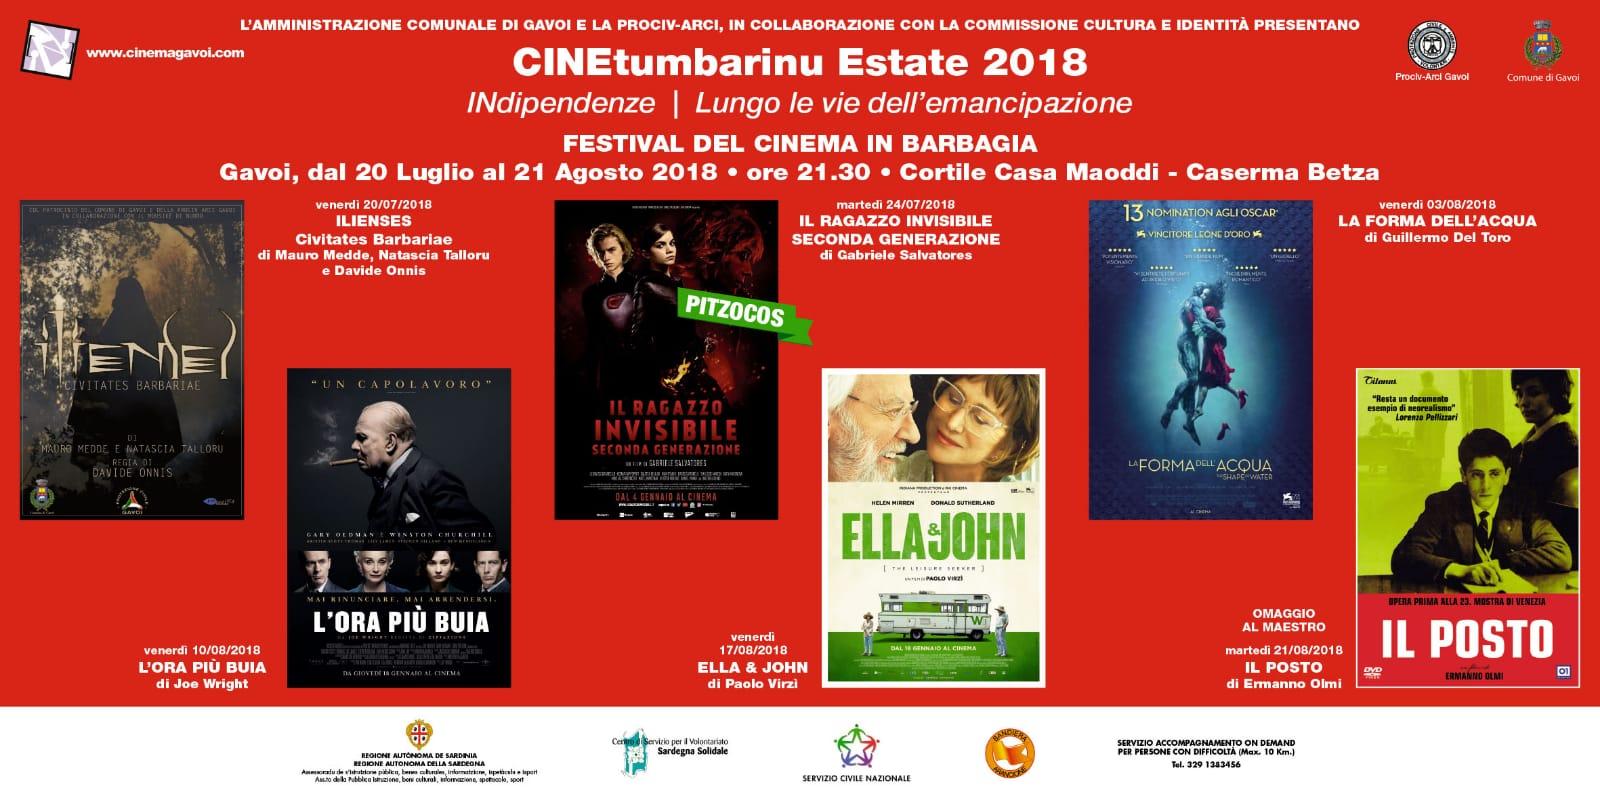 CineTumbarinu 2018 Gavoi